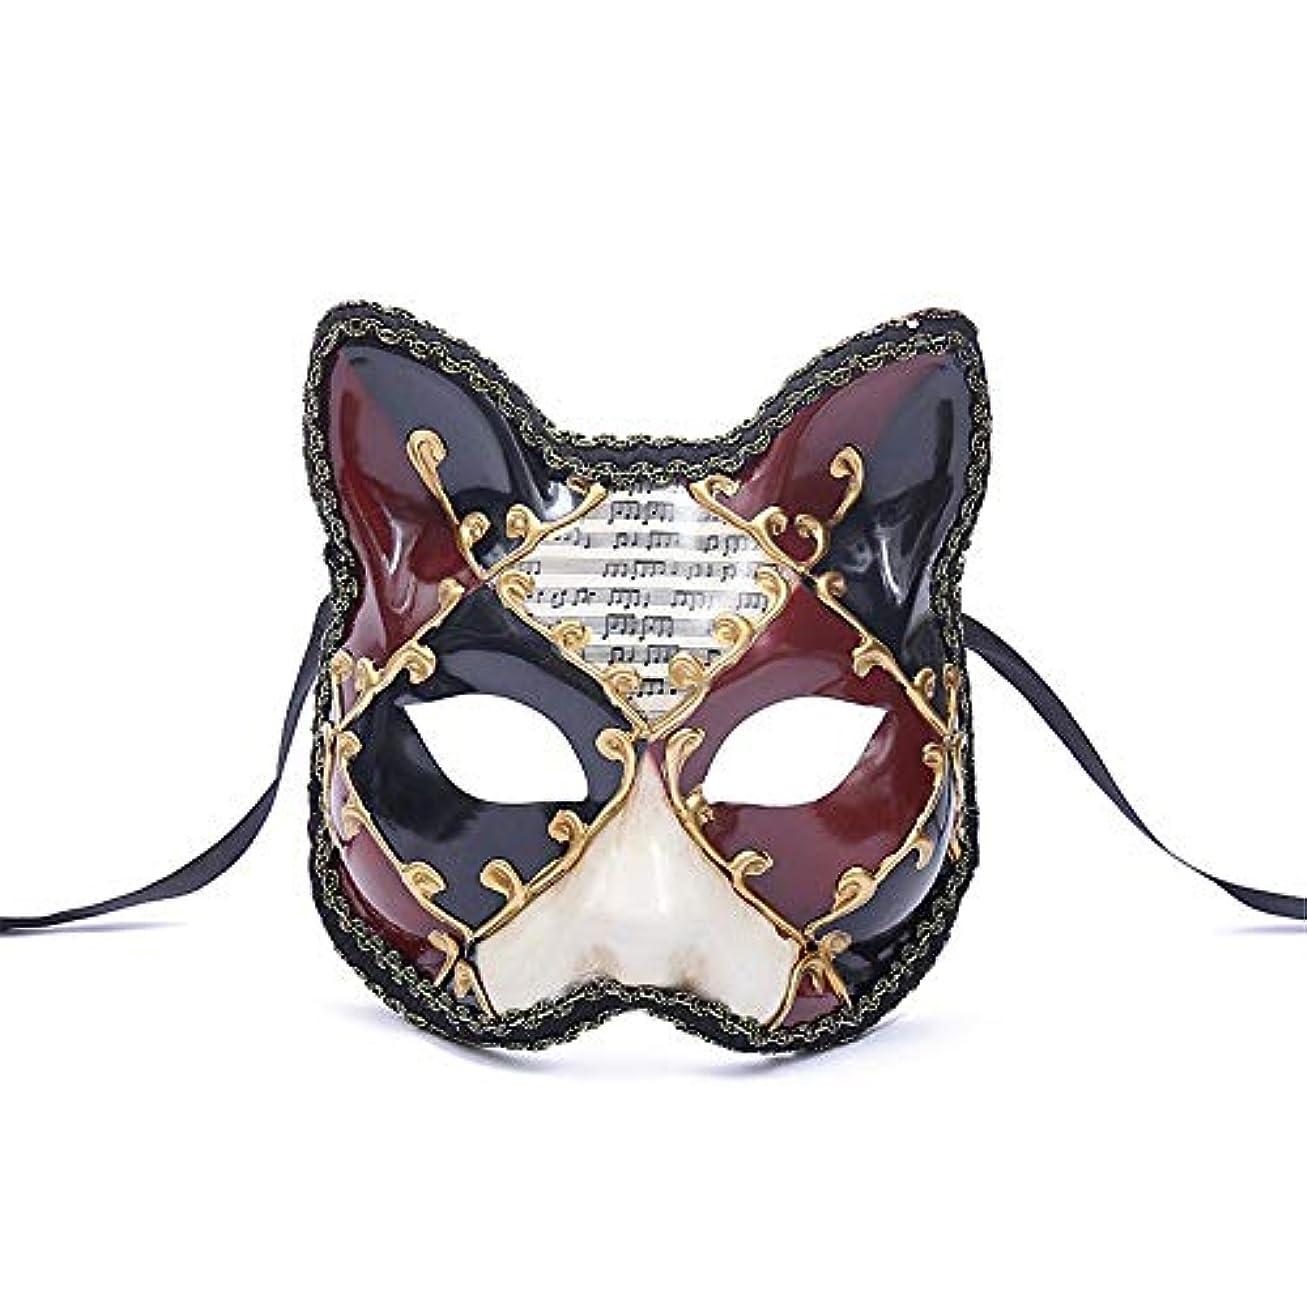 イーウェルクリーク正確にダンスマスク 大きな猫アンティーク動物レトロコスプレハロウィーン仮装マスクナイトクラブマスク雰囲気フェスティバルマスク パーティーボールマスク (色 : 赤, サイズ : 17.5x16cm)